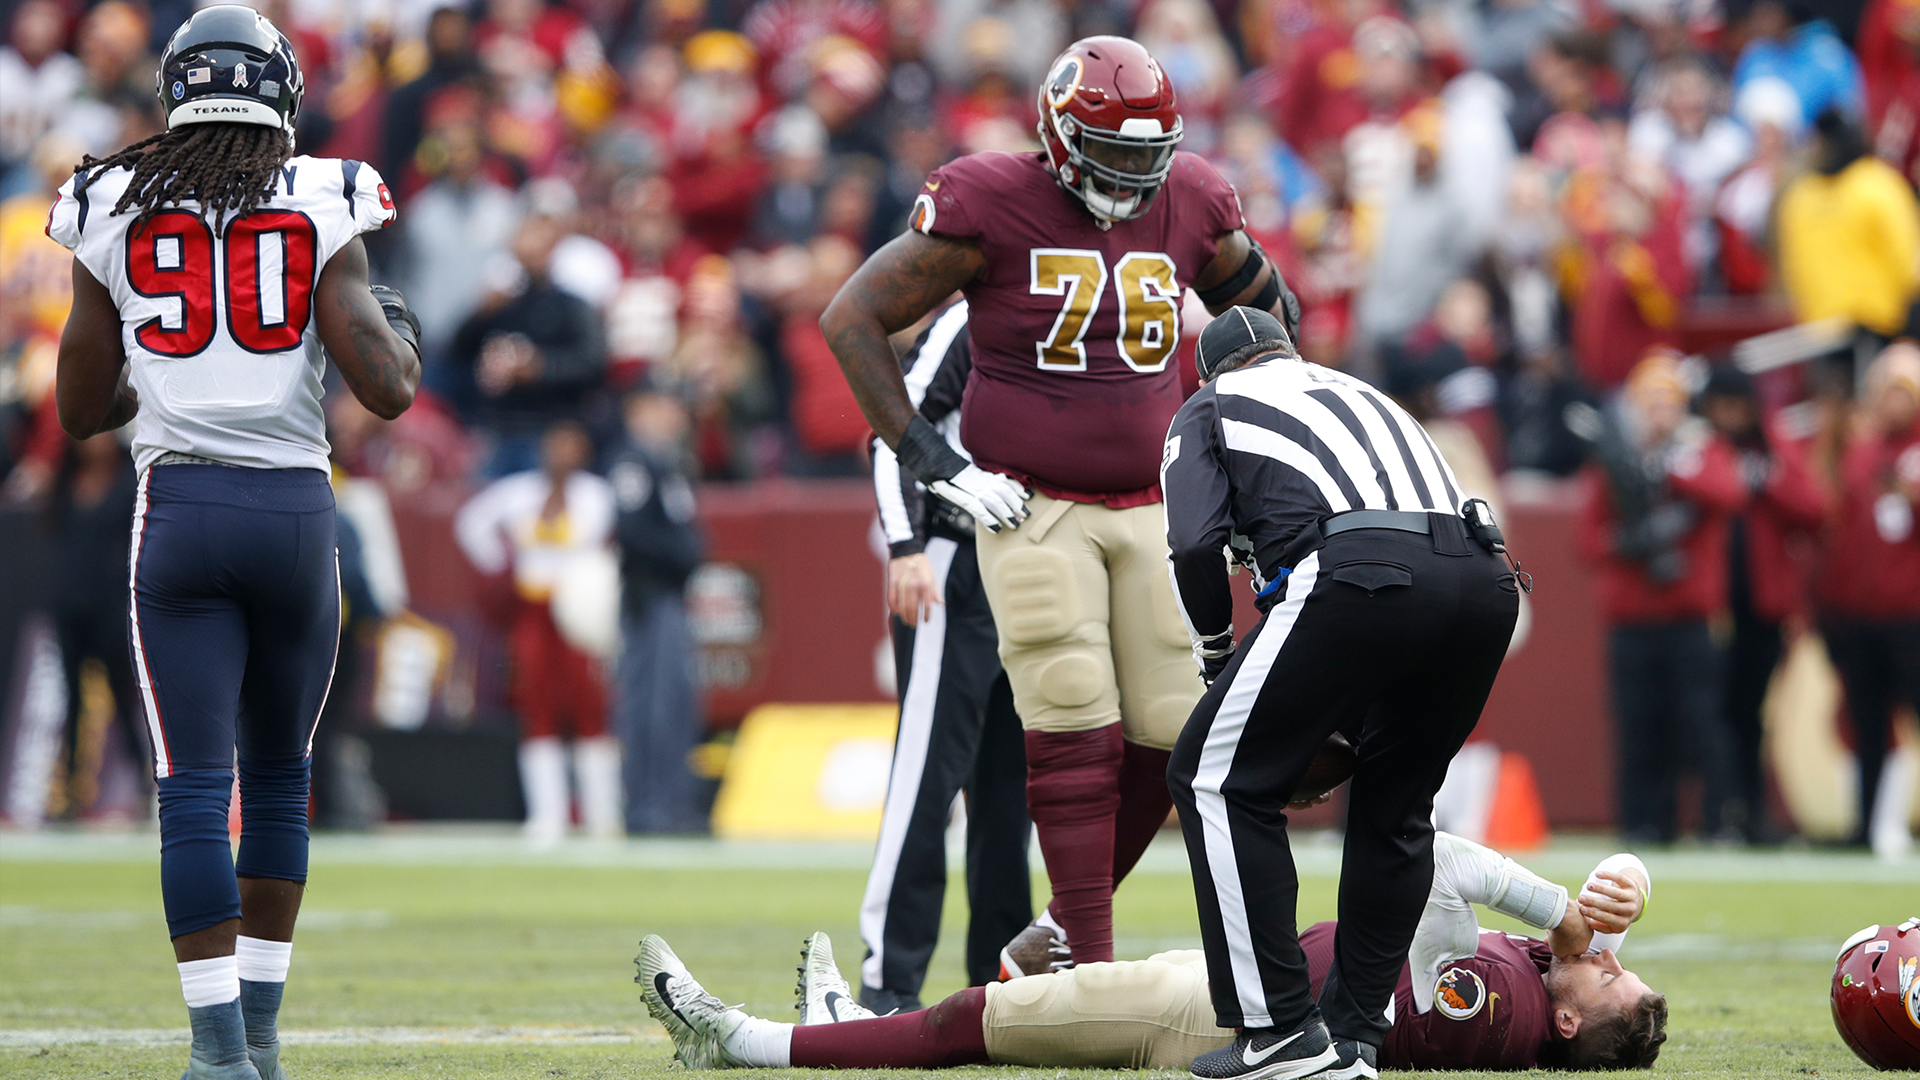 Quarterback Alex Smith's Grotesquely Broken Leg Will Make You Wince Forever